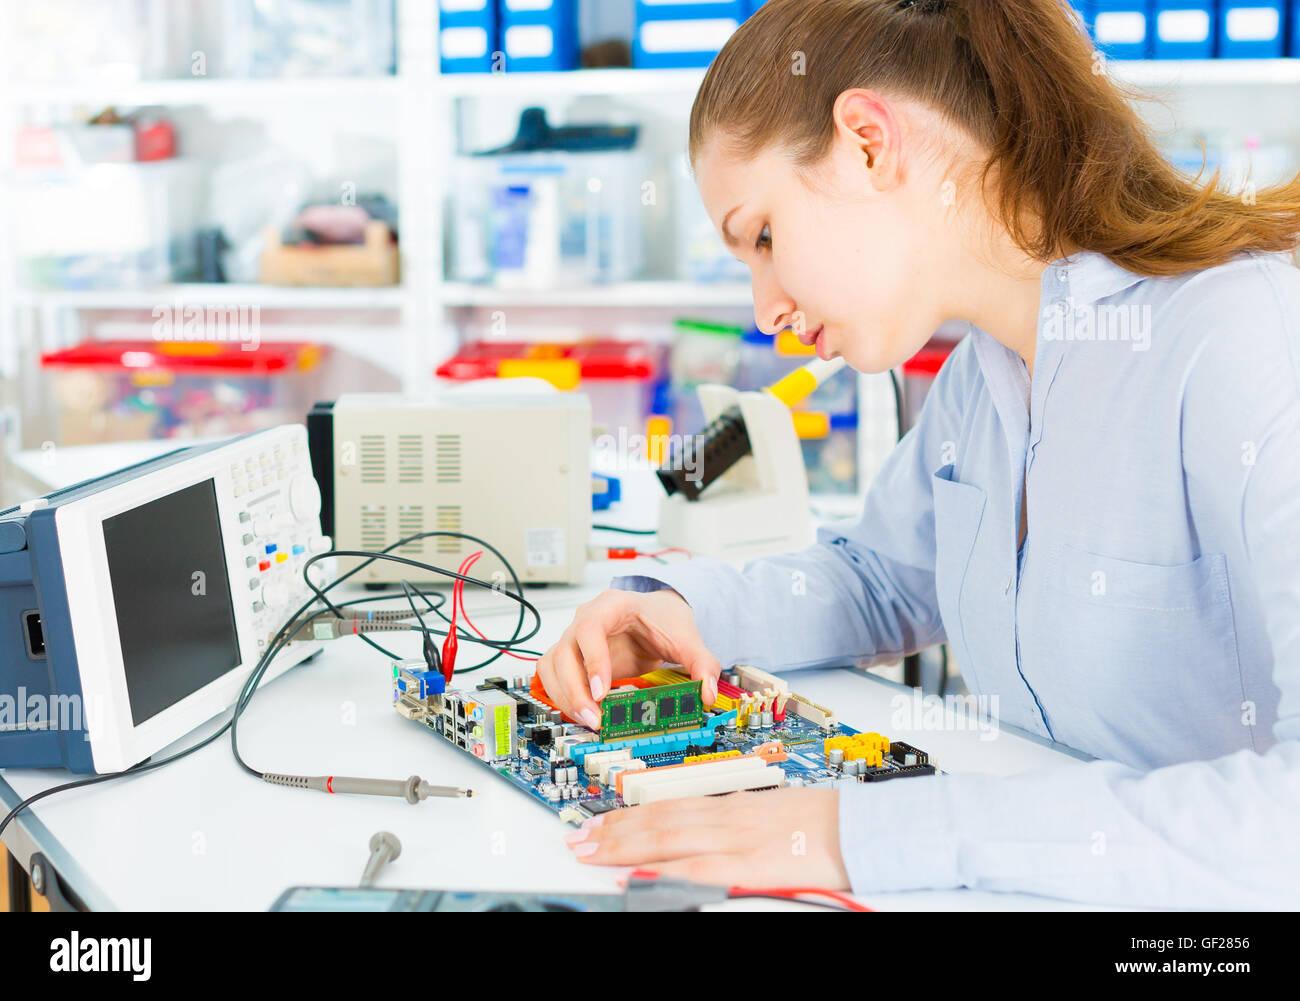 Tecnología de reparación electrónica fija placa circuito Imagen De Stock